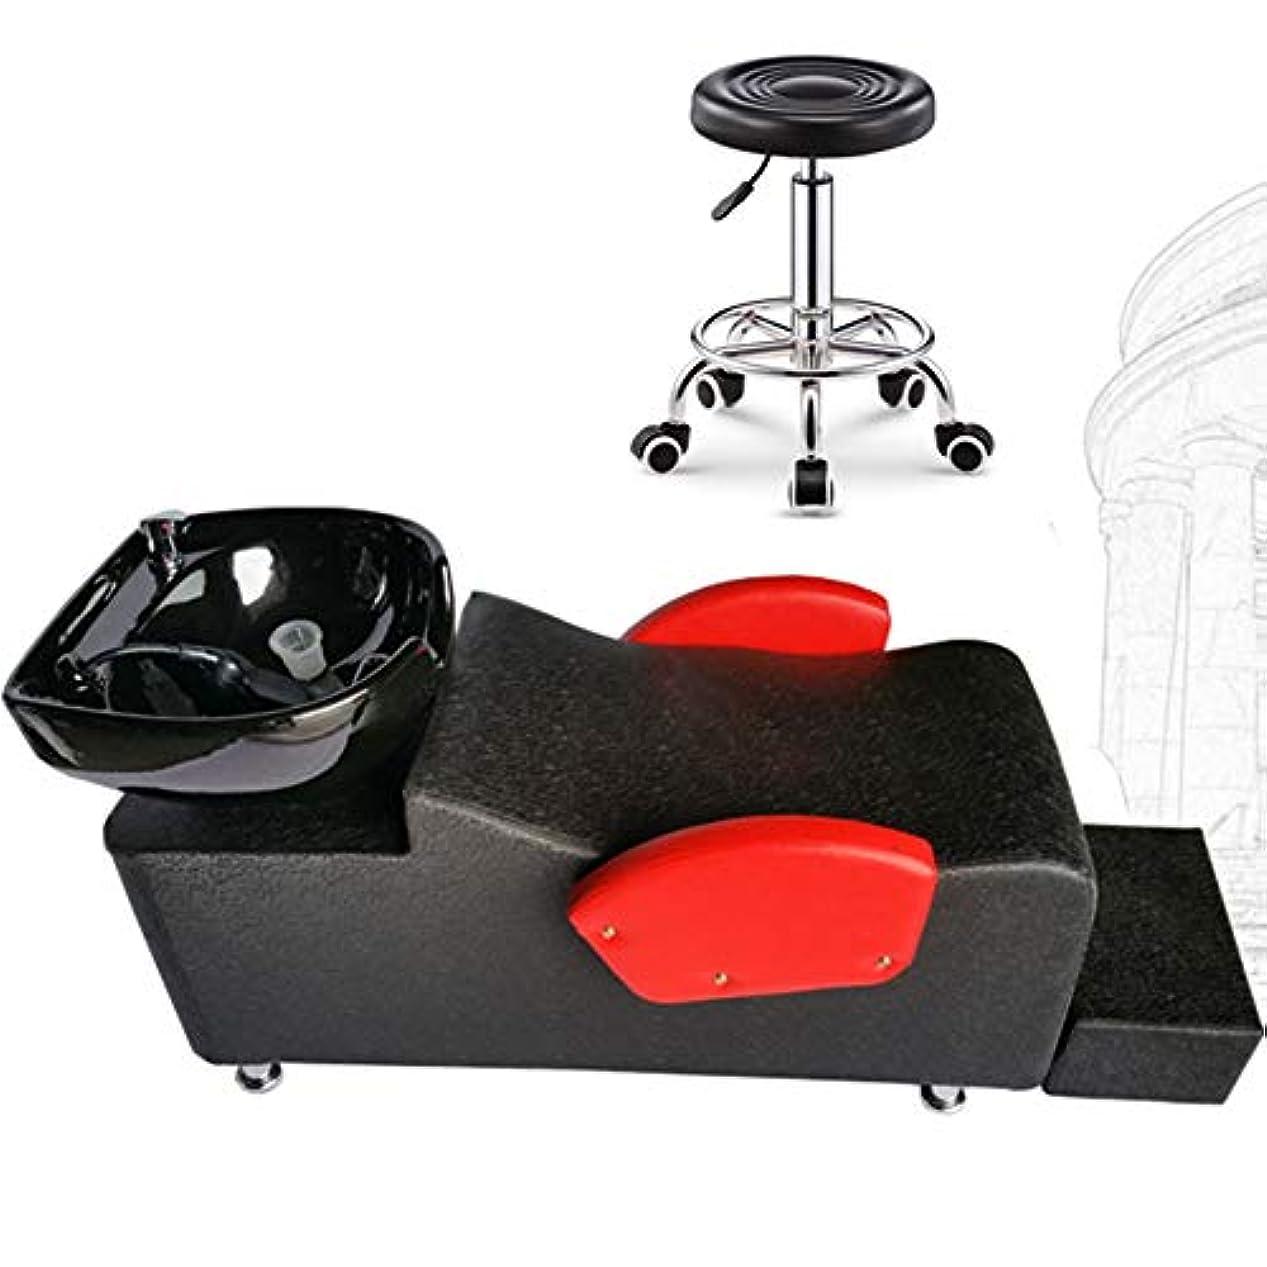 拍手卒業スロープサロン用シャンプー椅子とボウル、スパ美容室機器パンチングウォーターベッドチェア用の逆洗ユニット理髪シンクチェア